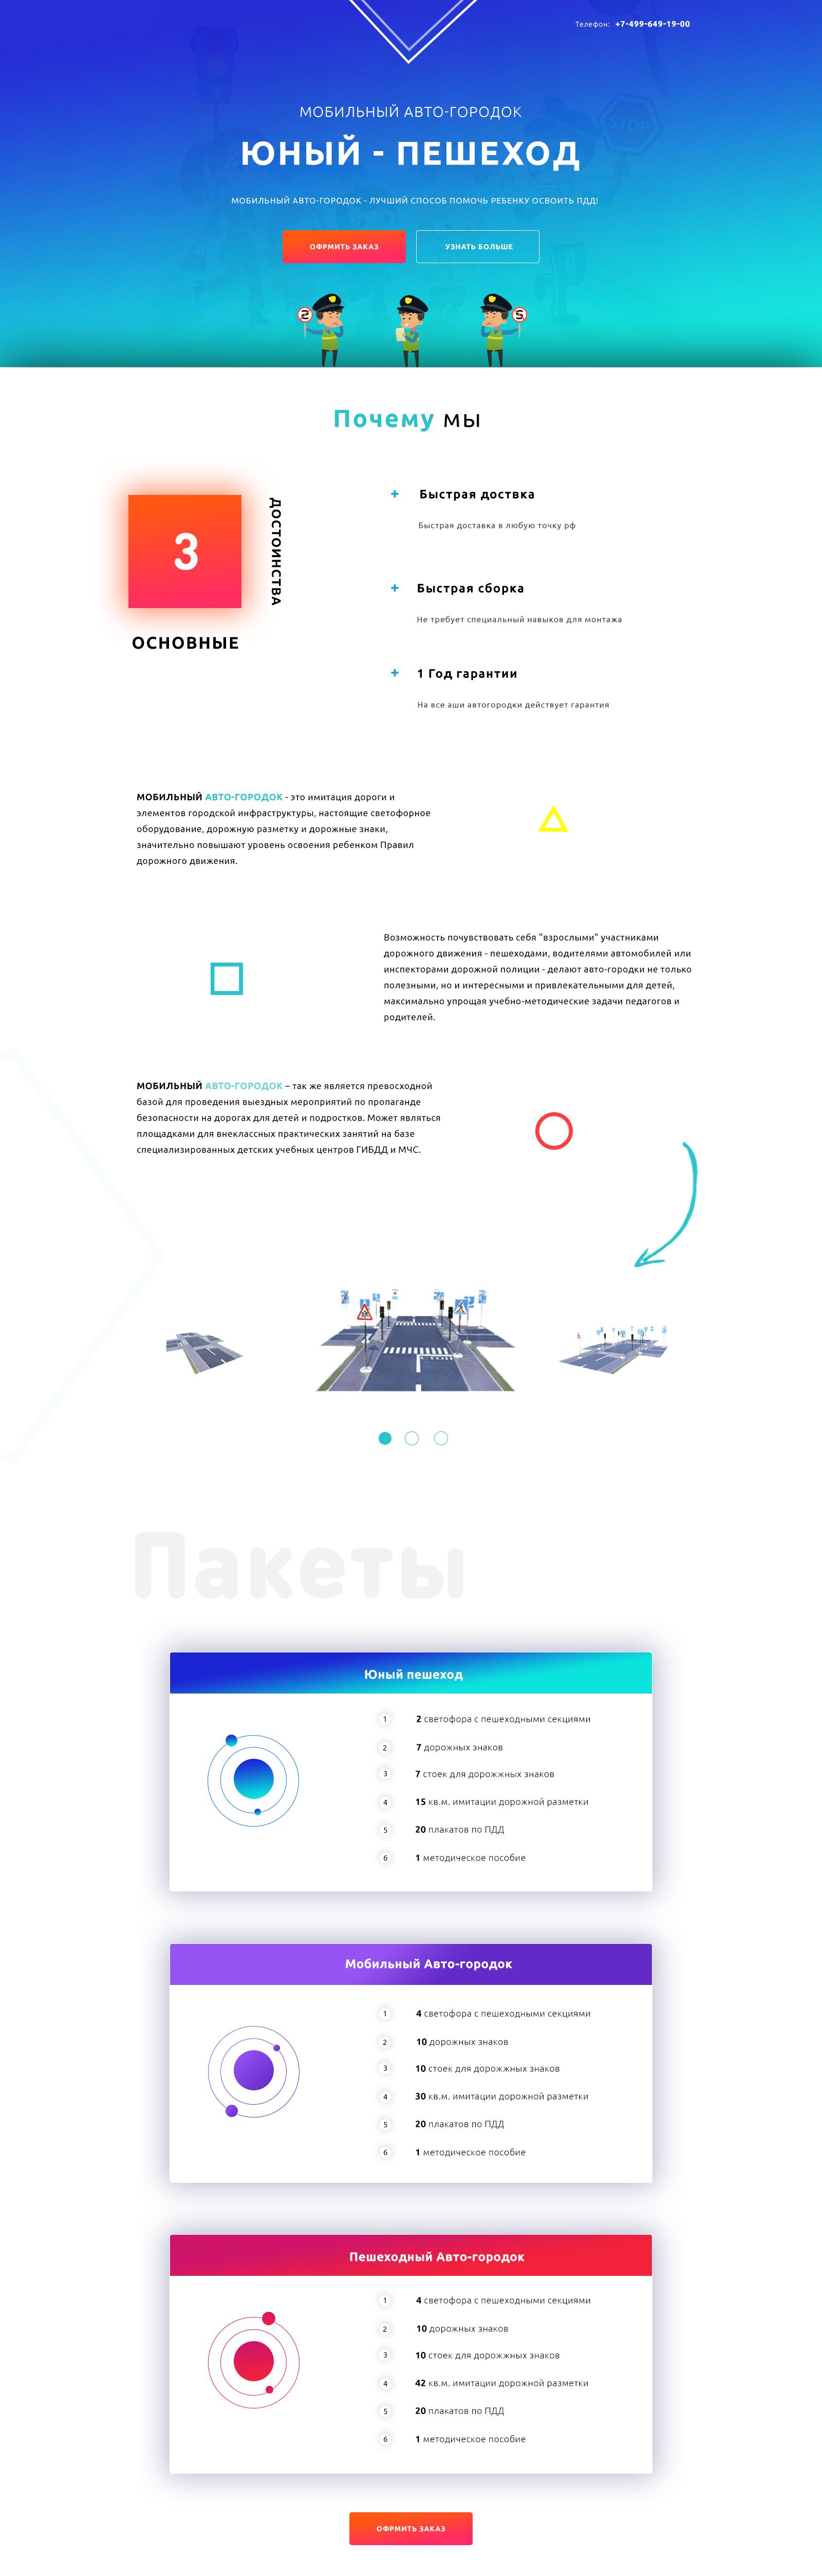 Редизайн сайтов (выбираем исполнителя постоянной основе) фото f_4645a7da55b9afad.jpg